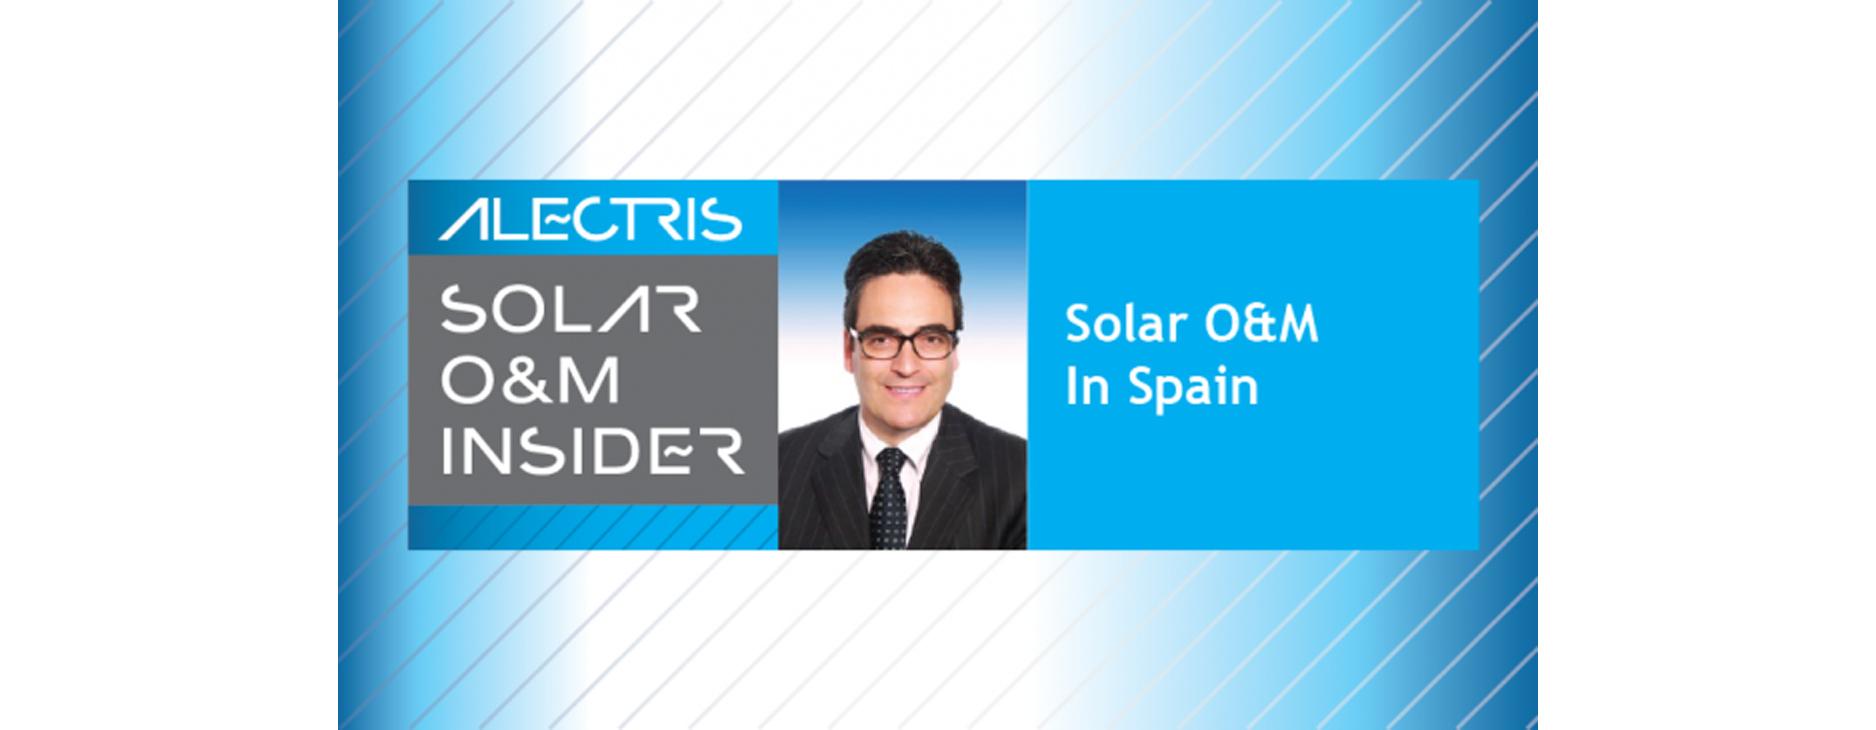 Podcast O&M Solar en España